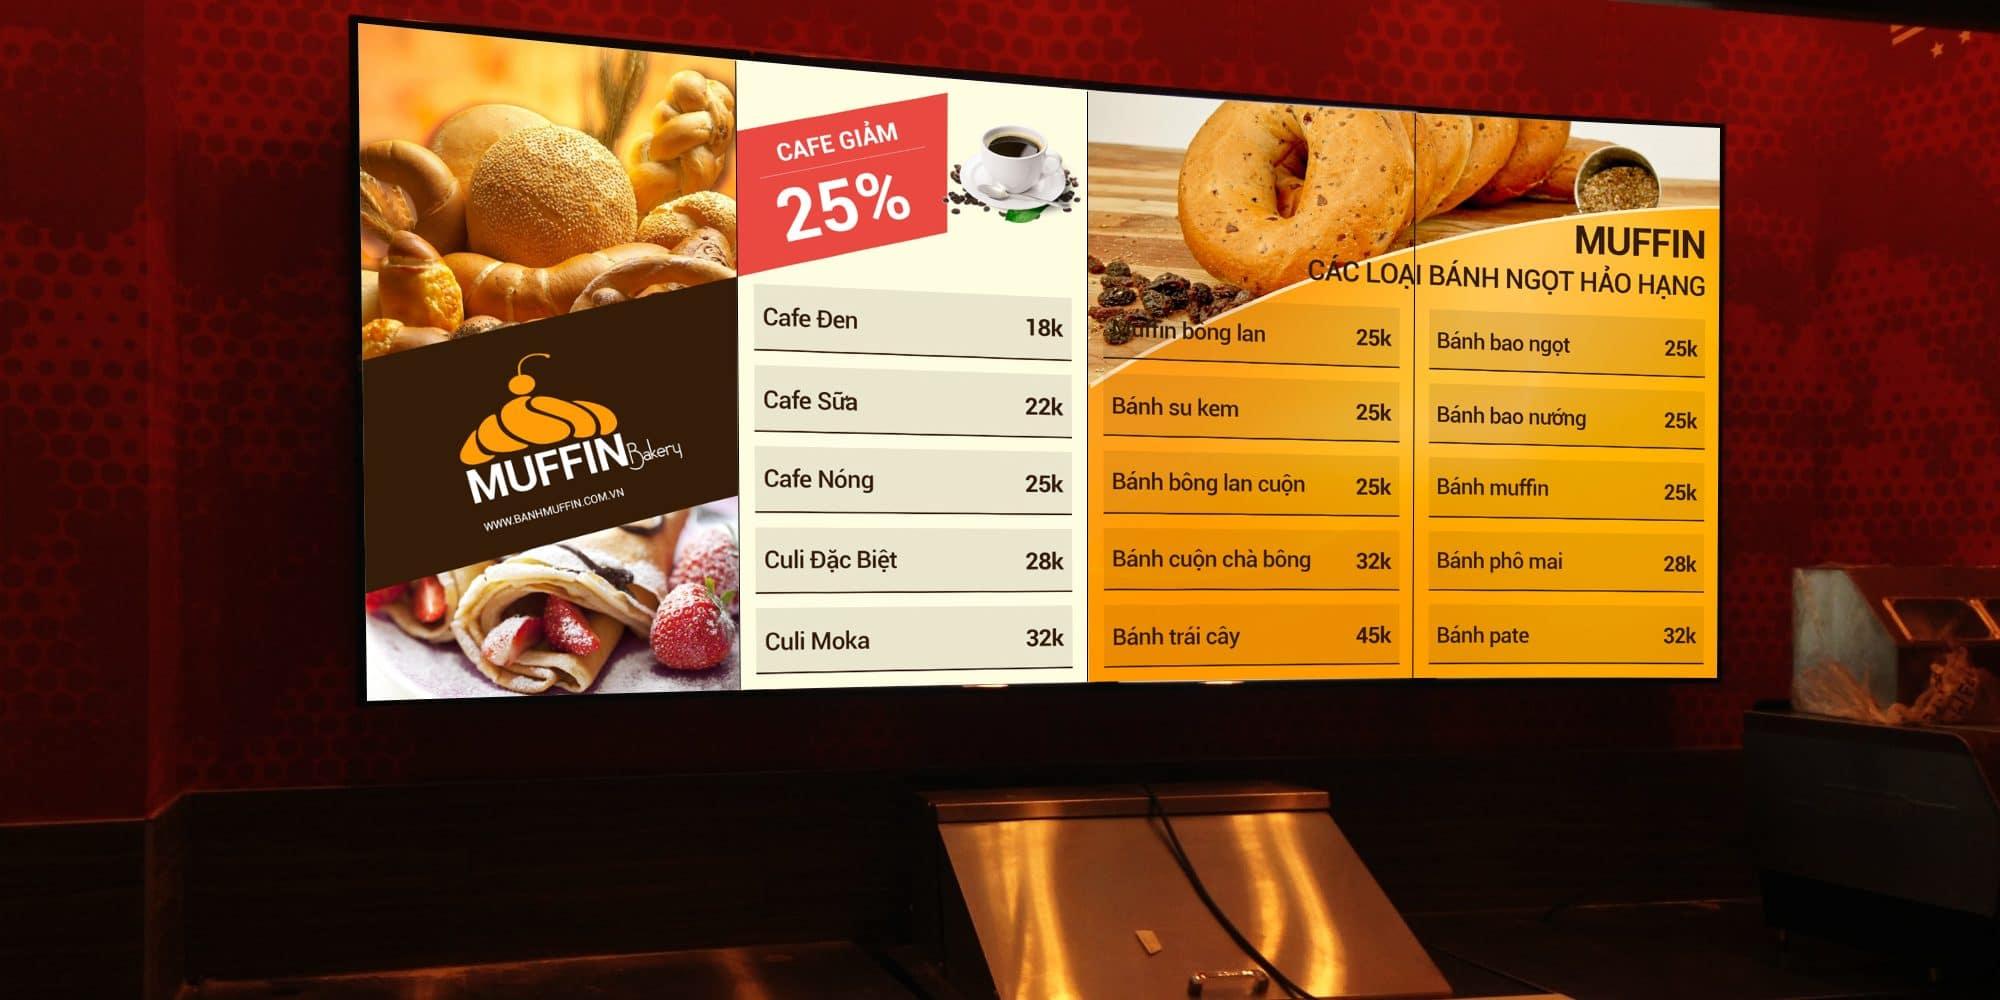 menu treo t%C6%B0%E1%BB%9Dng 4 1